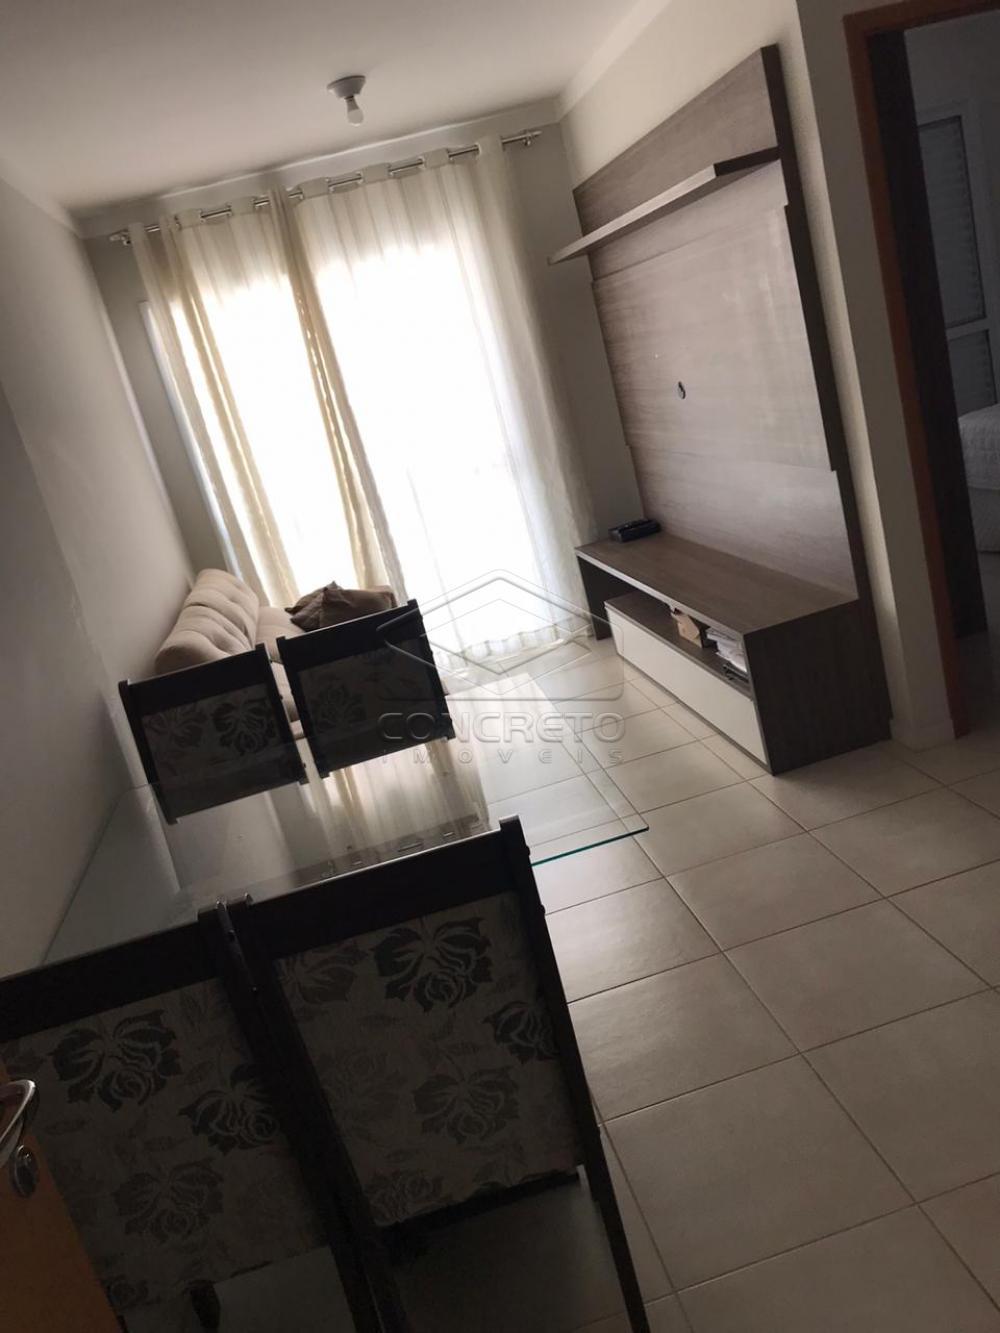 Alugar Apartamento / Padrão em Bauru apenas R$ 1.400,00 - Foto 19